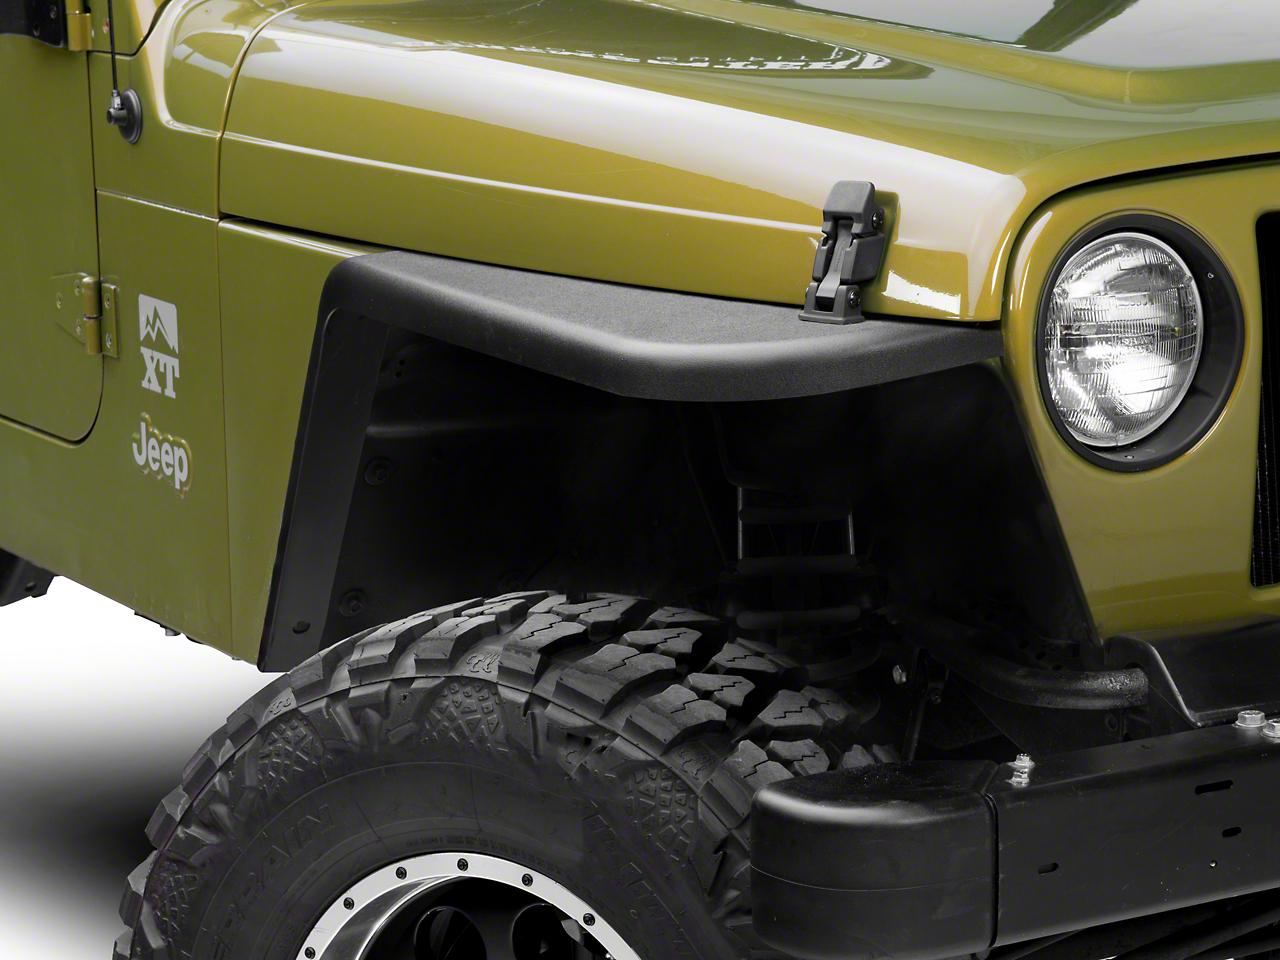 MCE Gen II 3 in. Flat Fender Flares - OE-Style Finish (97-06 Jeep Wrangler TJ)